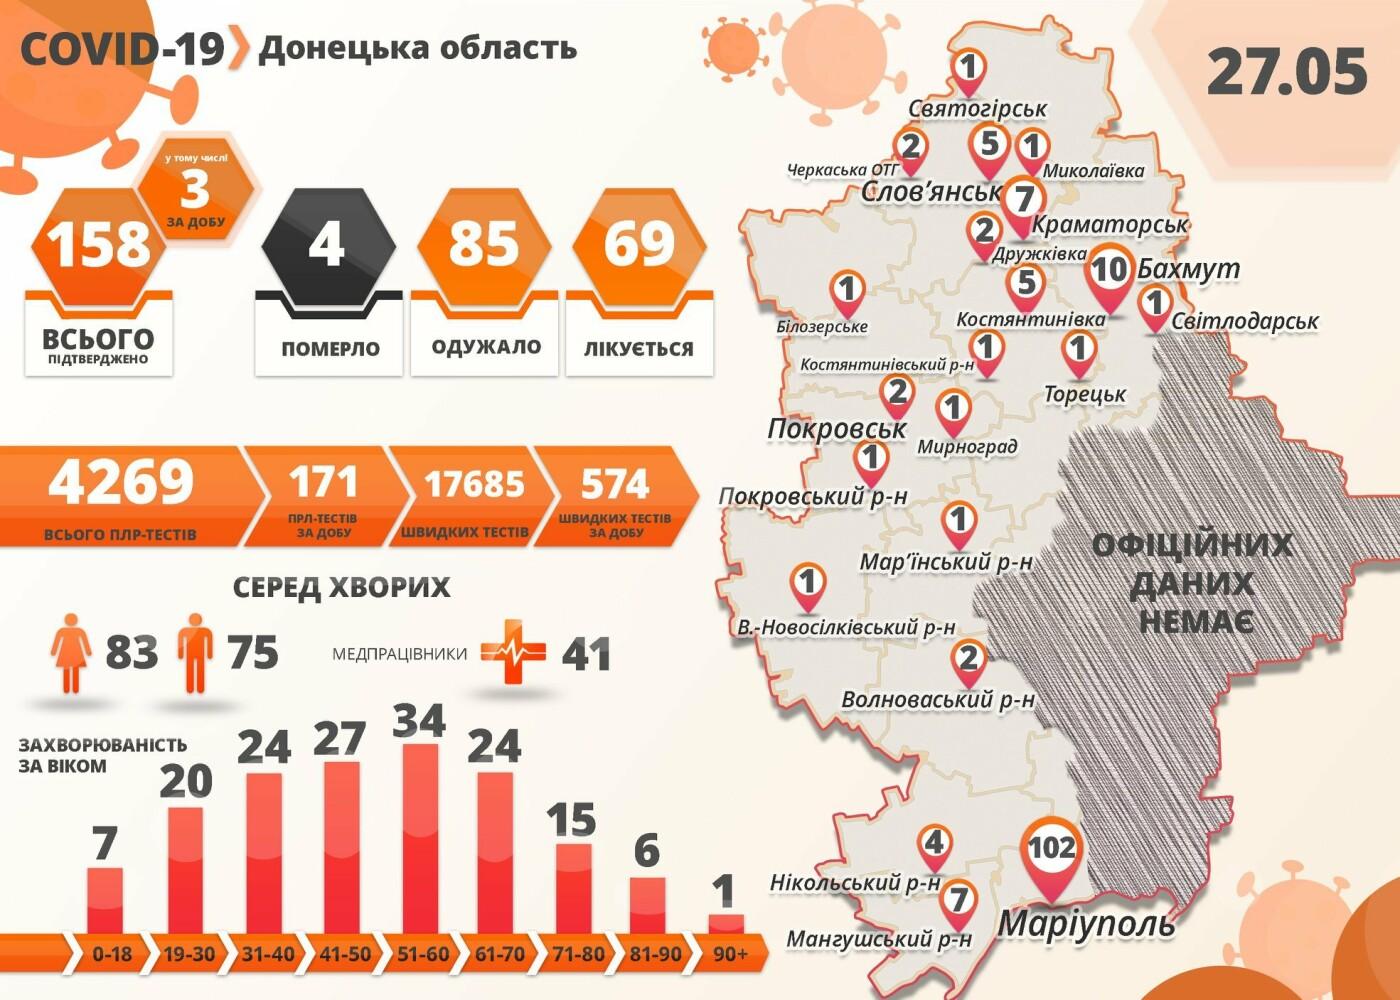 В Донецкой области количество случаев коронавируса выросло до 158, фото-1